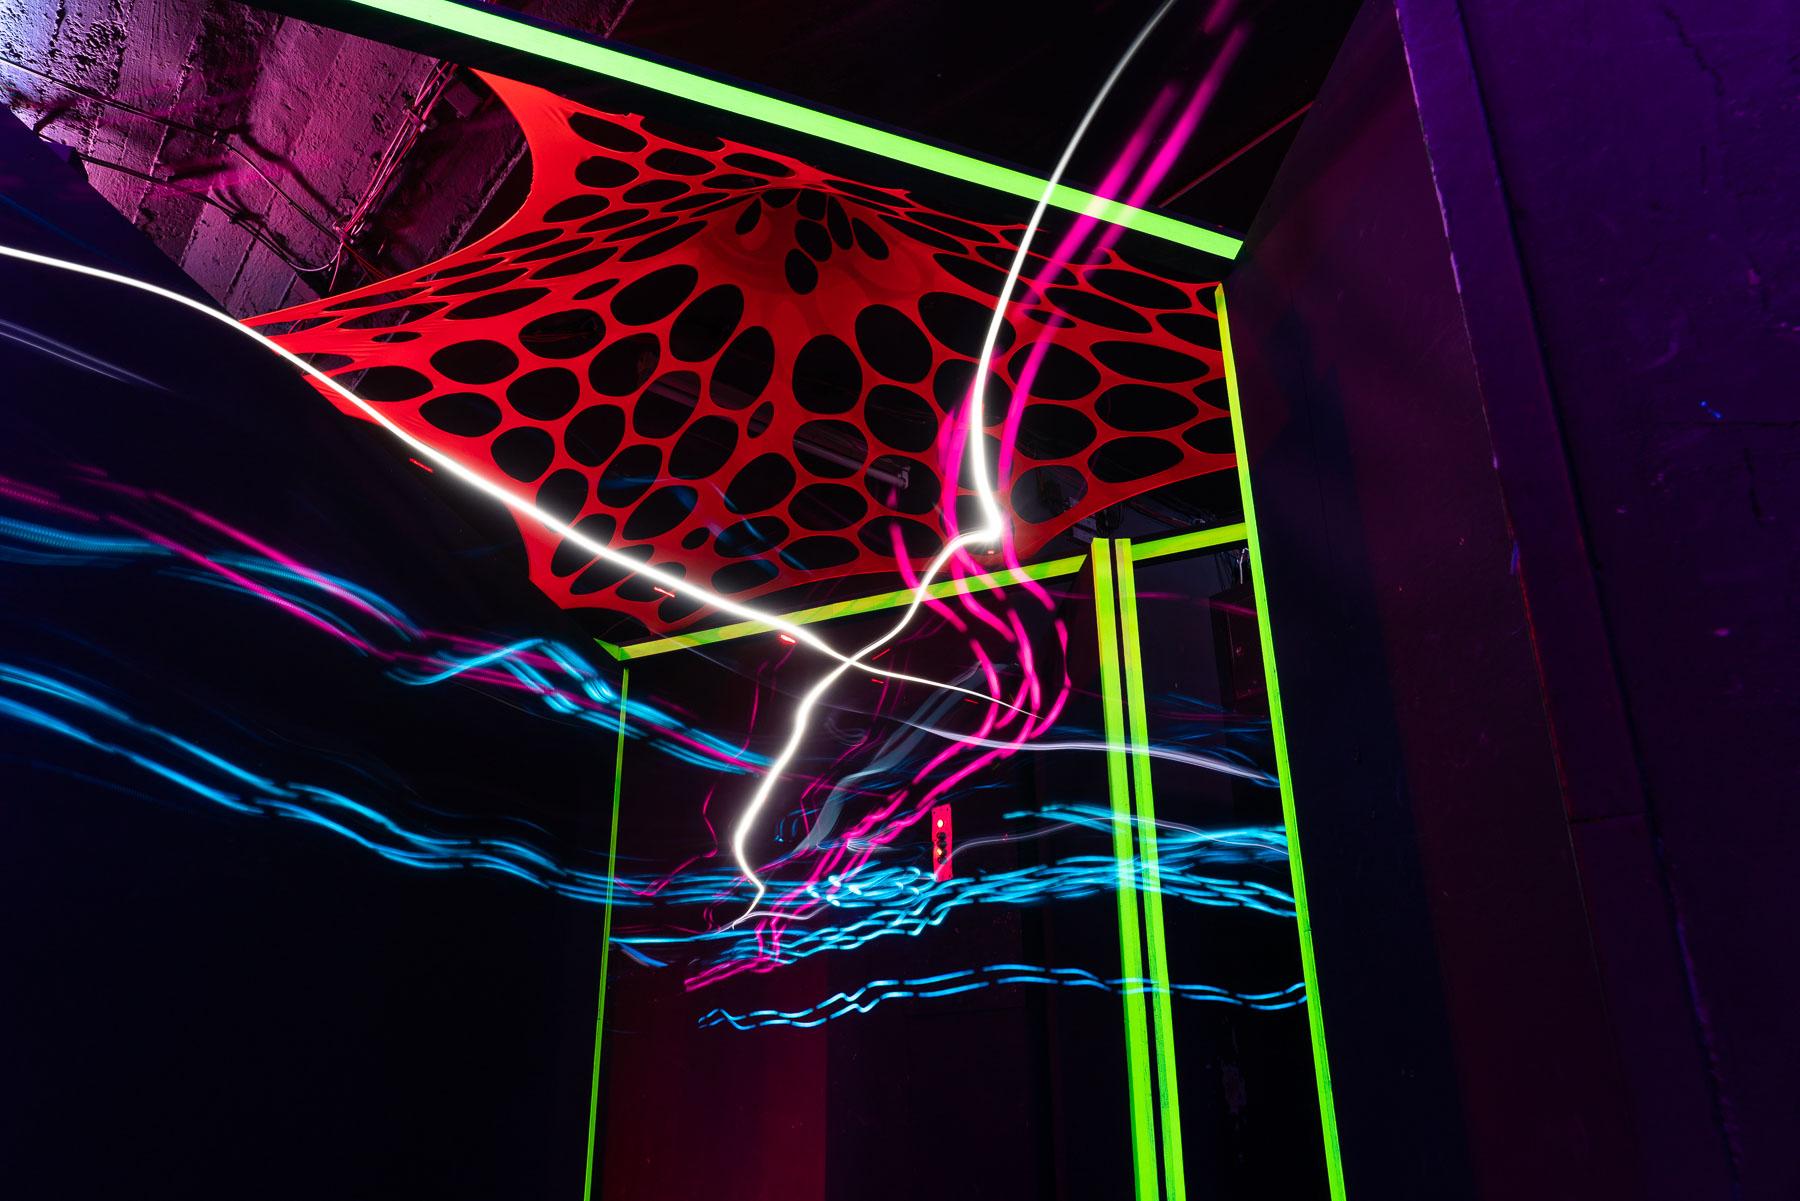 Bei Lasertag One in Mannheim ist Action in 3 verschiedenen Arenen angesagt